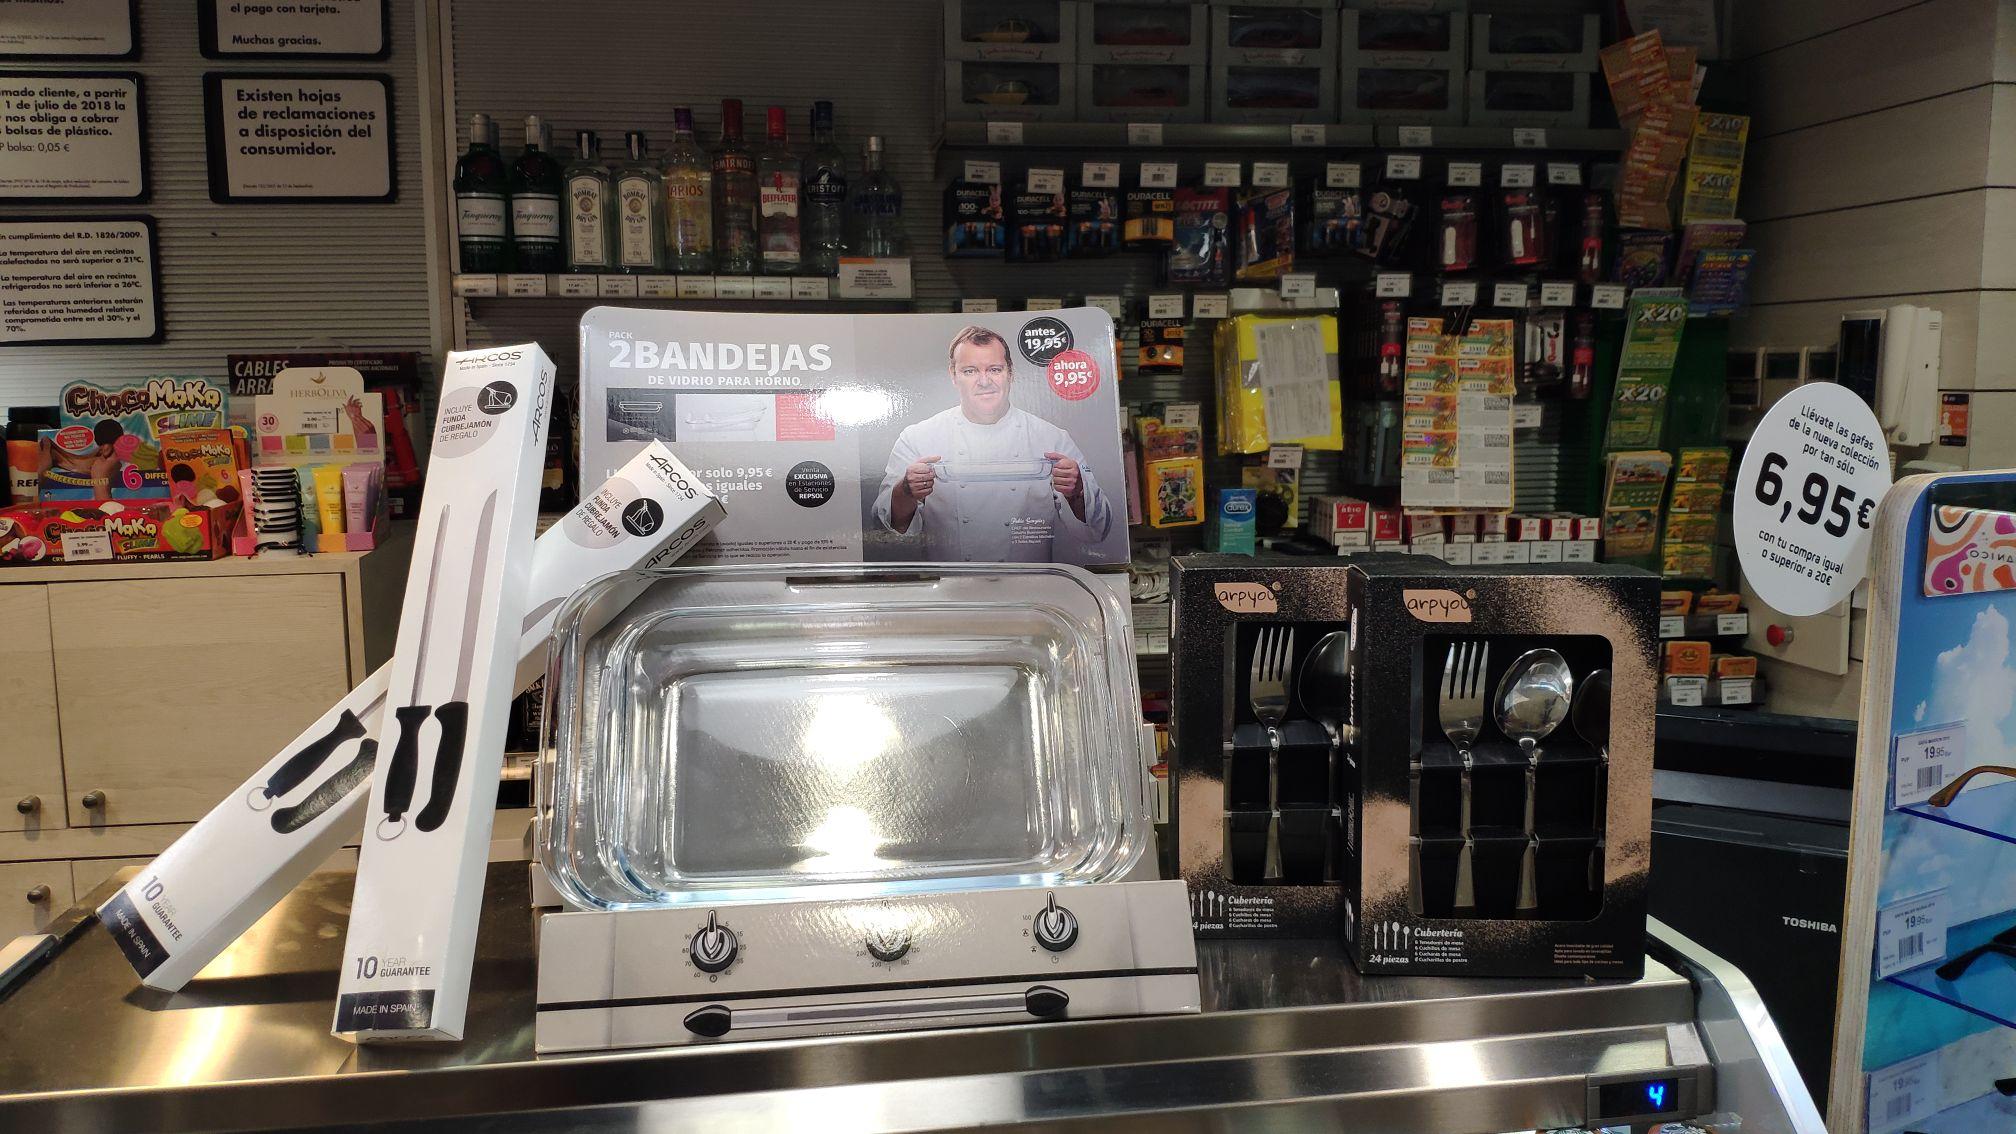 Promo cubertería cuchillo jamonero y bandejas de horno (cada pieza)